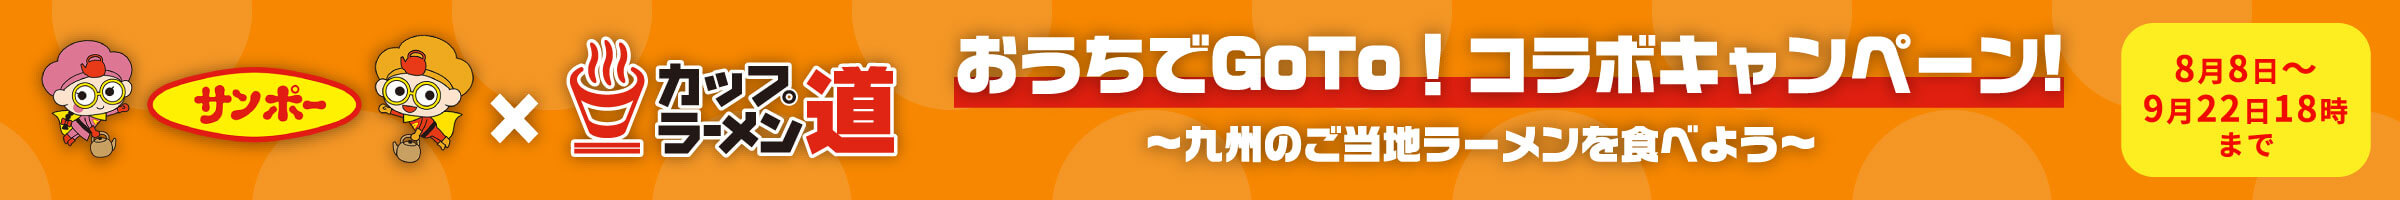 サンポー食品×カップラーメン道 おうちでGoTo!コラボキャンペーン!~九州のご当地ラーメンを食べよう~8月8日〜9月22日18時00分まで